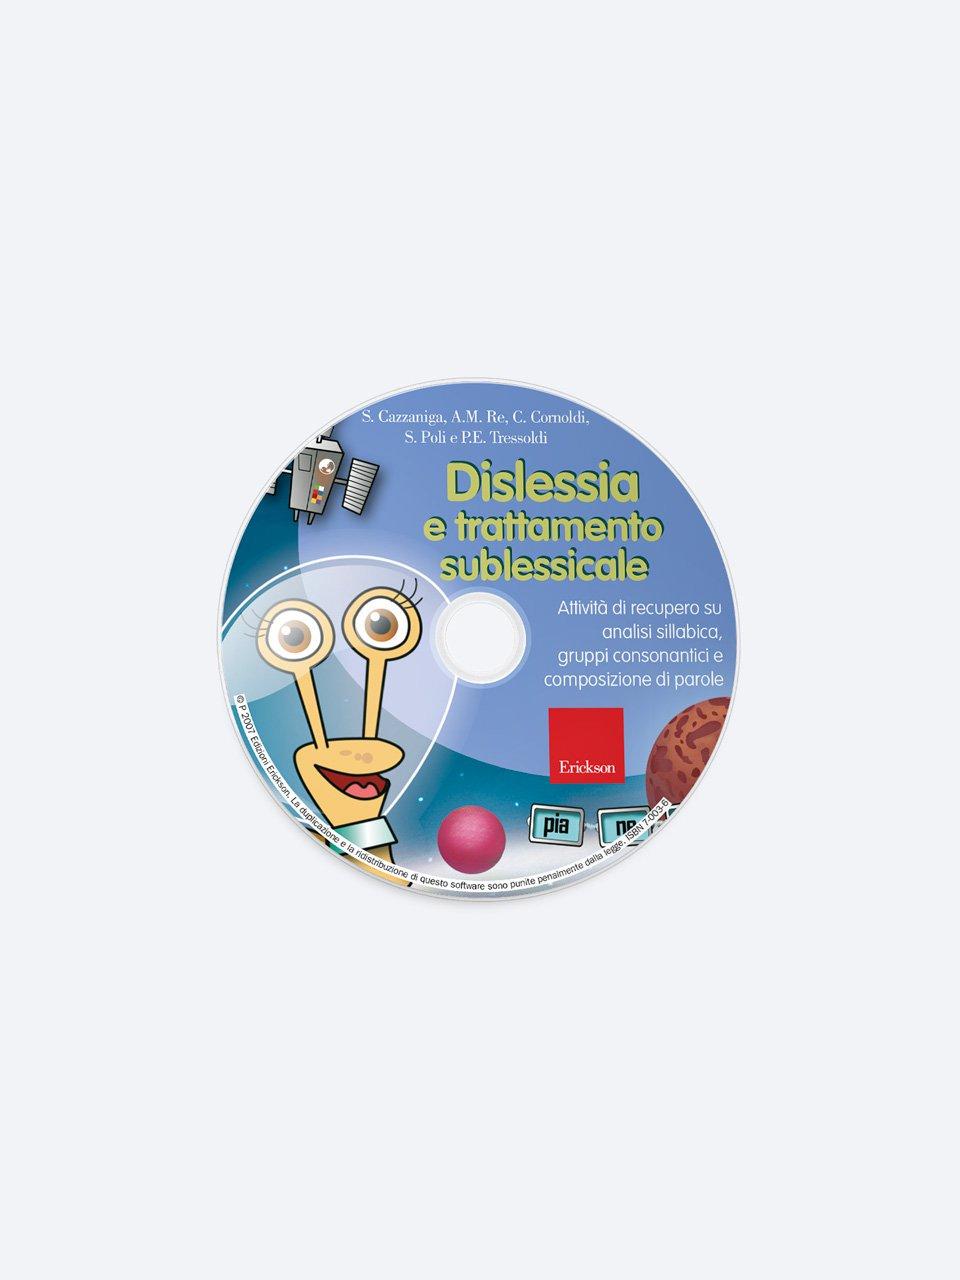 Dislessia e trattamento sublessicale - Schede per Tablotto (6-8 anni) - I mostri dell'ort - Giochi - Erickson 2